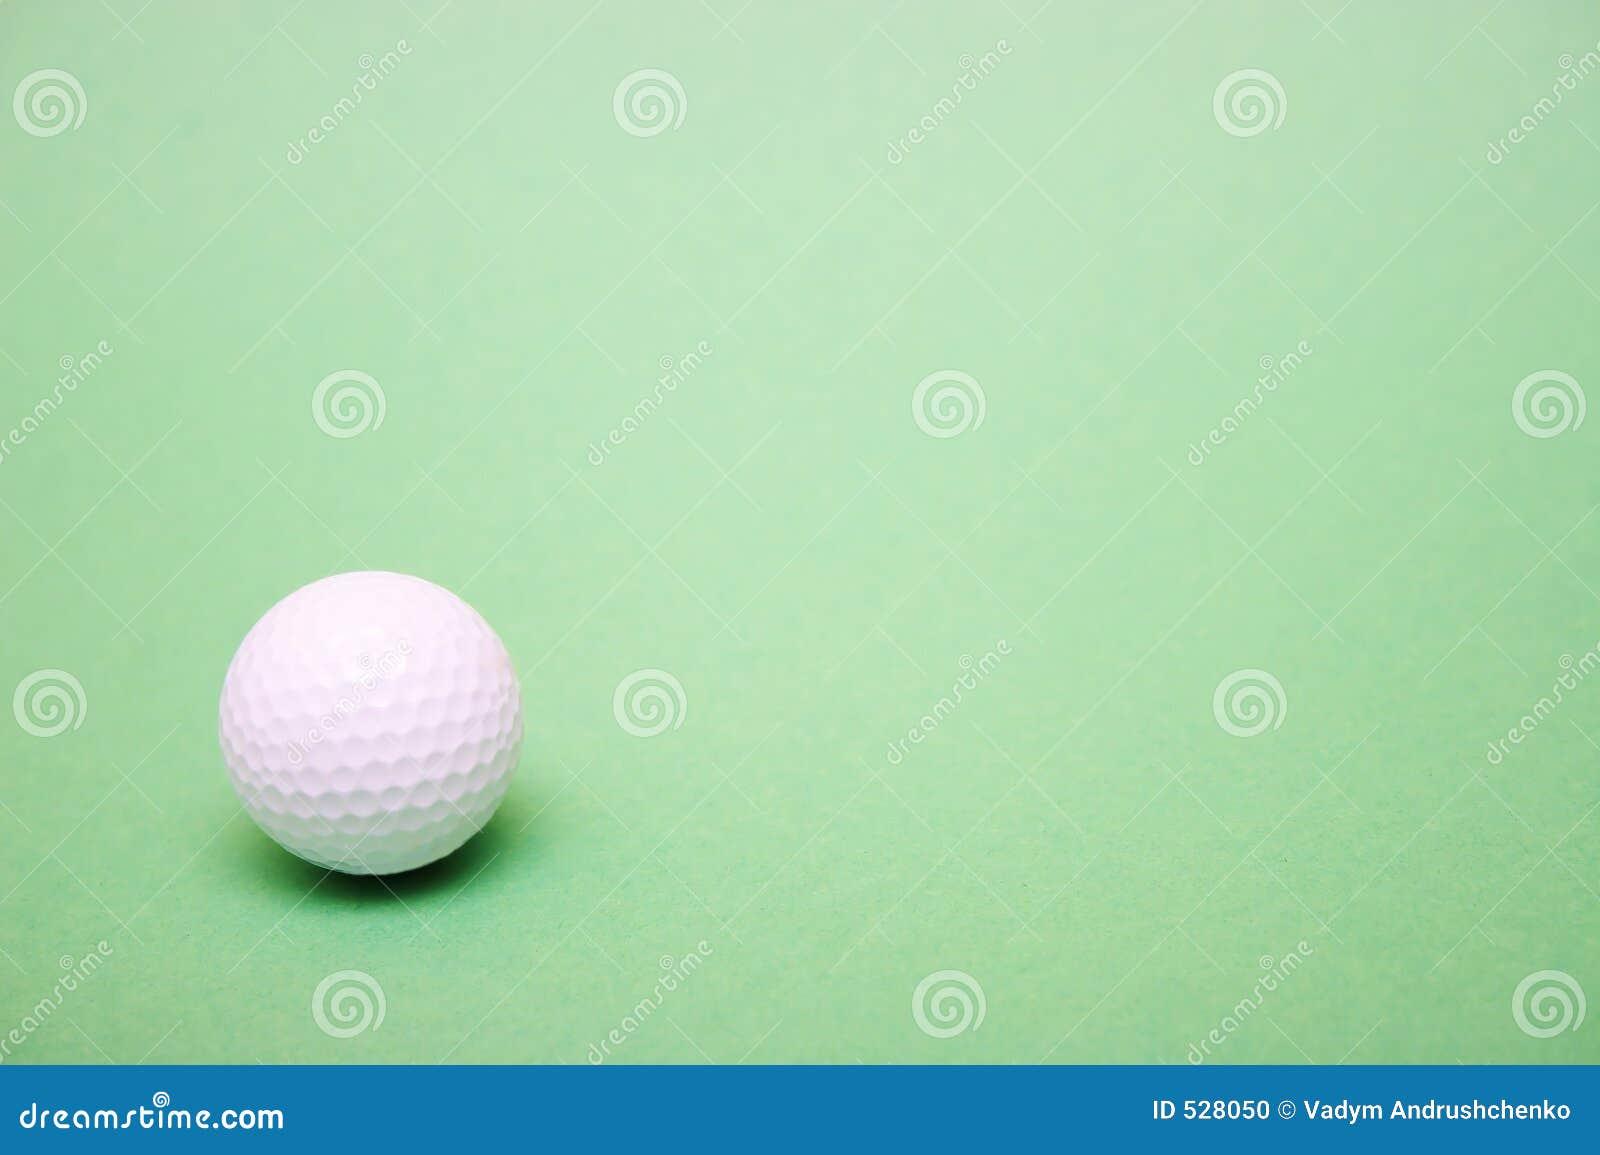 Download 球高尔夫球 库存照片. 图片 包括有 高尔夫球, 来回, 灰色, 空白, 查出, 体育运动, 关闭, 球状, 宏指令 - 528050